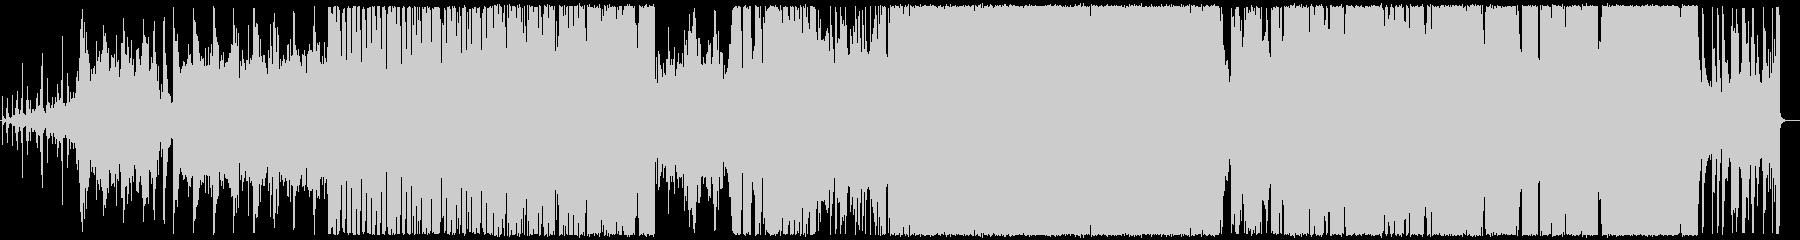 ピアノとアコギの優しいロックの未再生の波形